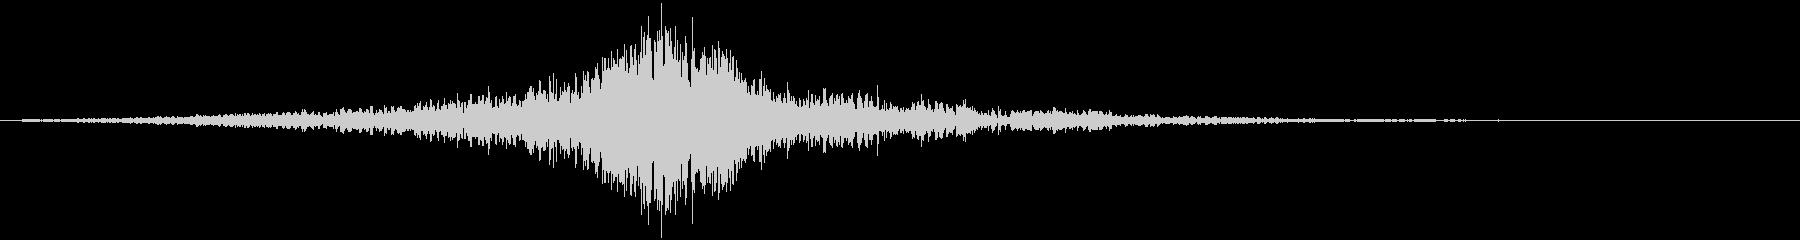 【ライザー】11 SFサウンドの未再生の波形